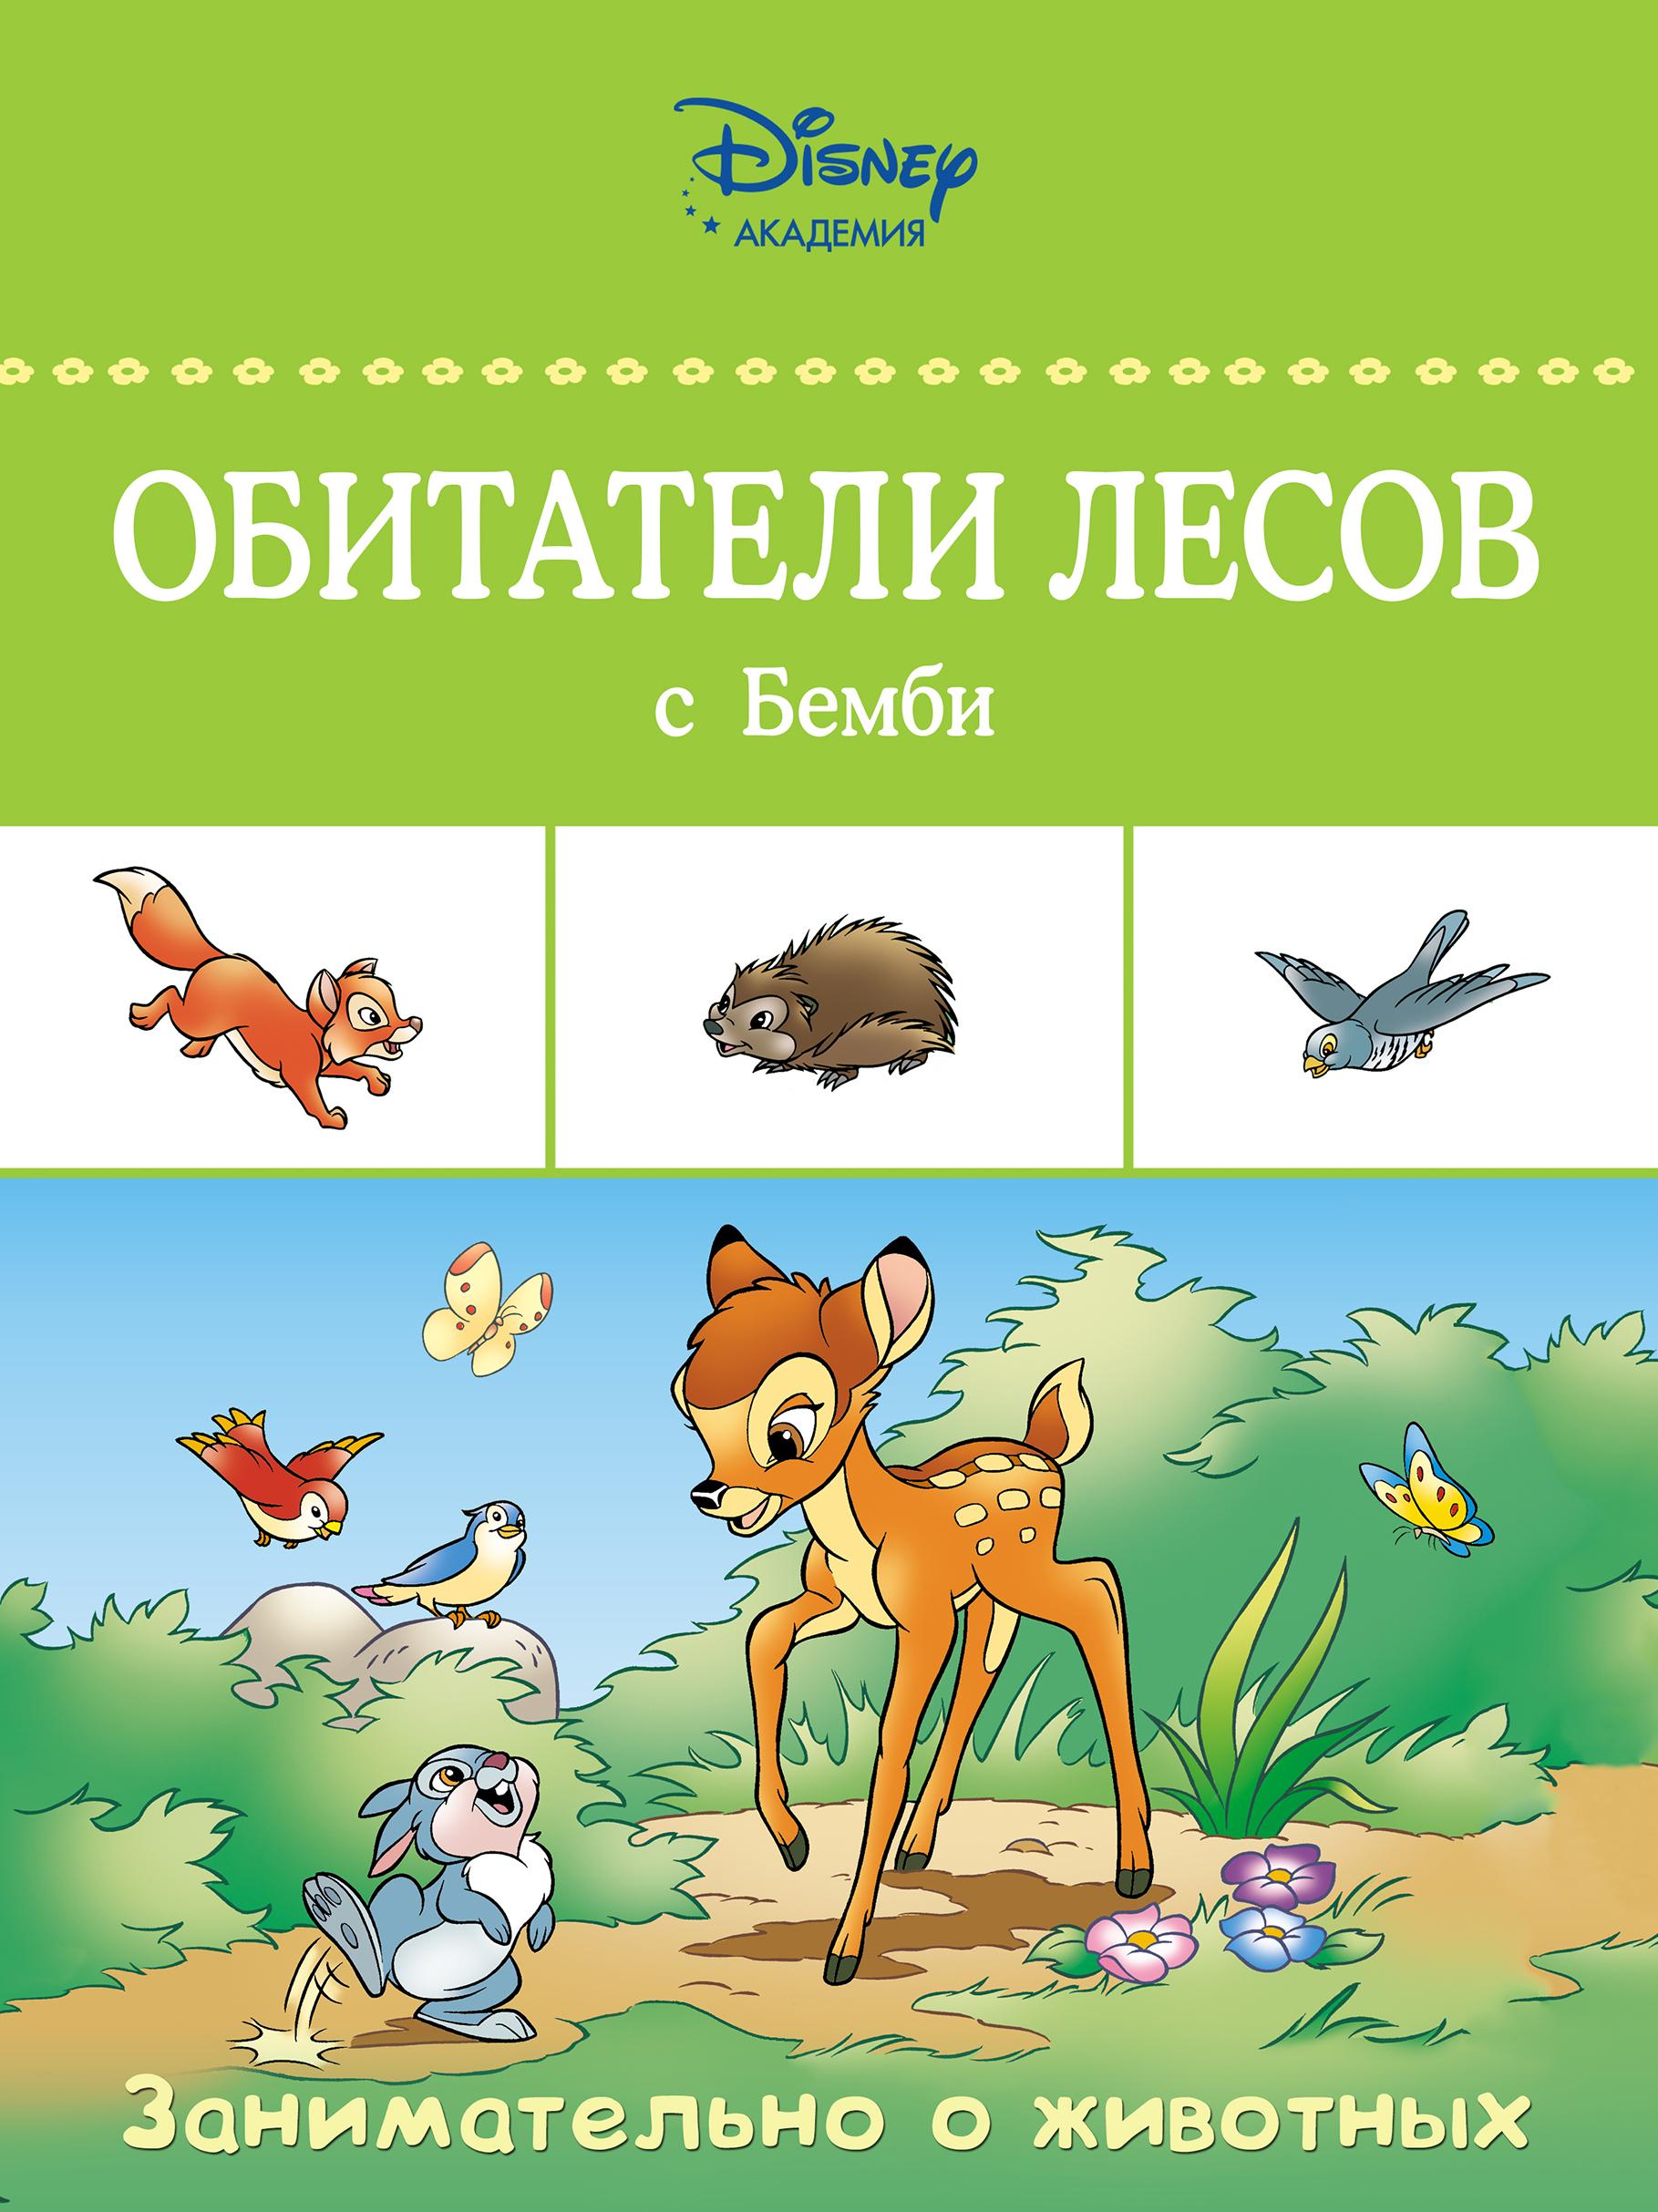 Обитатели лесов с Бемби книга эксмо disney занимательно о животных обитатели лесов с бемби 0